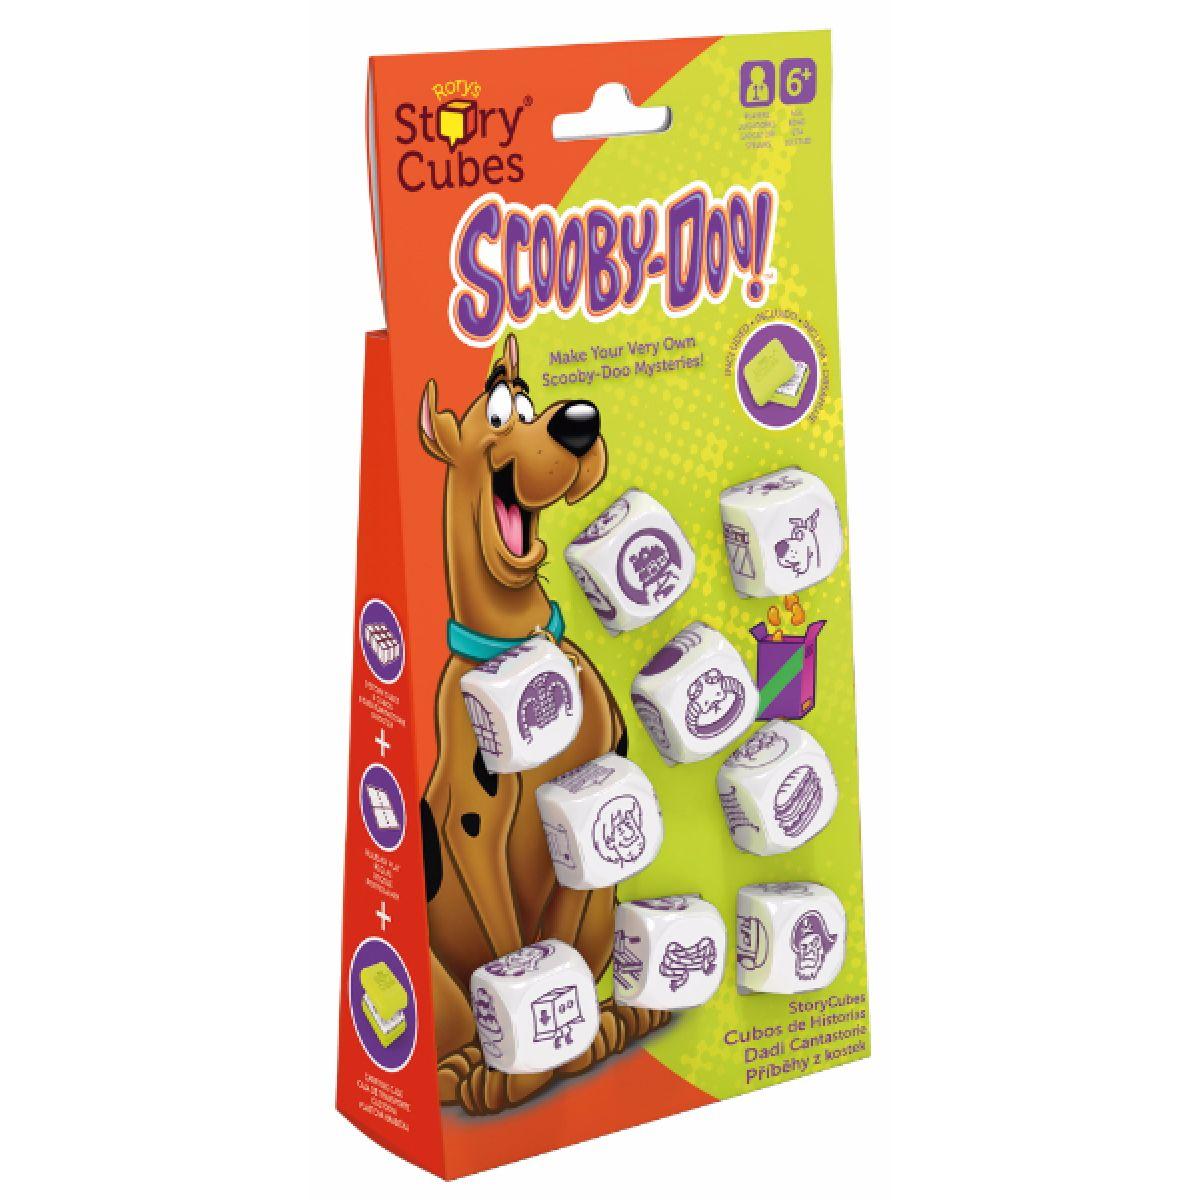 Mindok Příběhy z kostek Scooby Doo